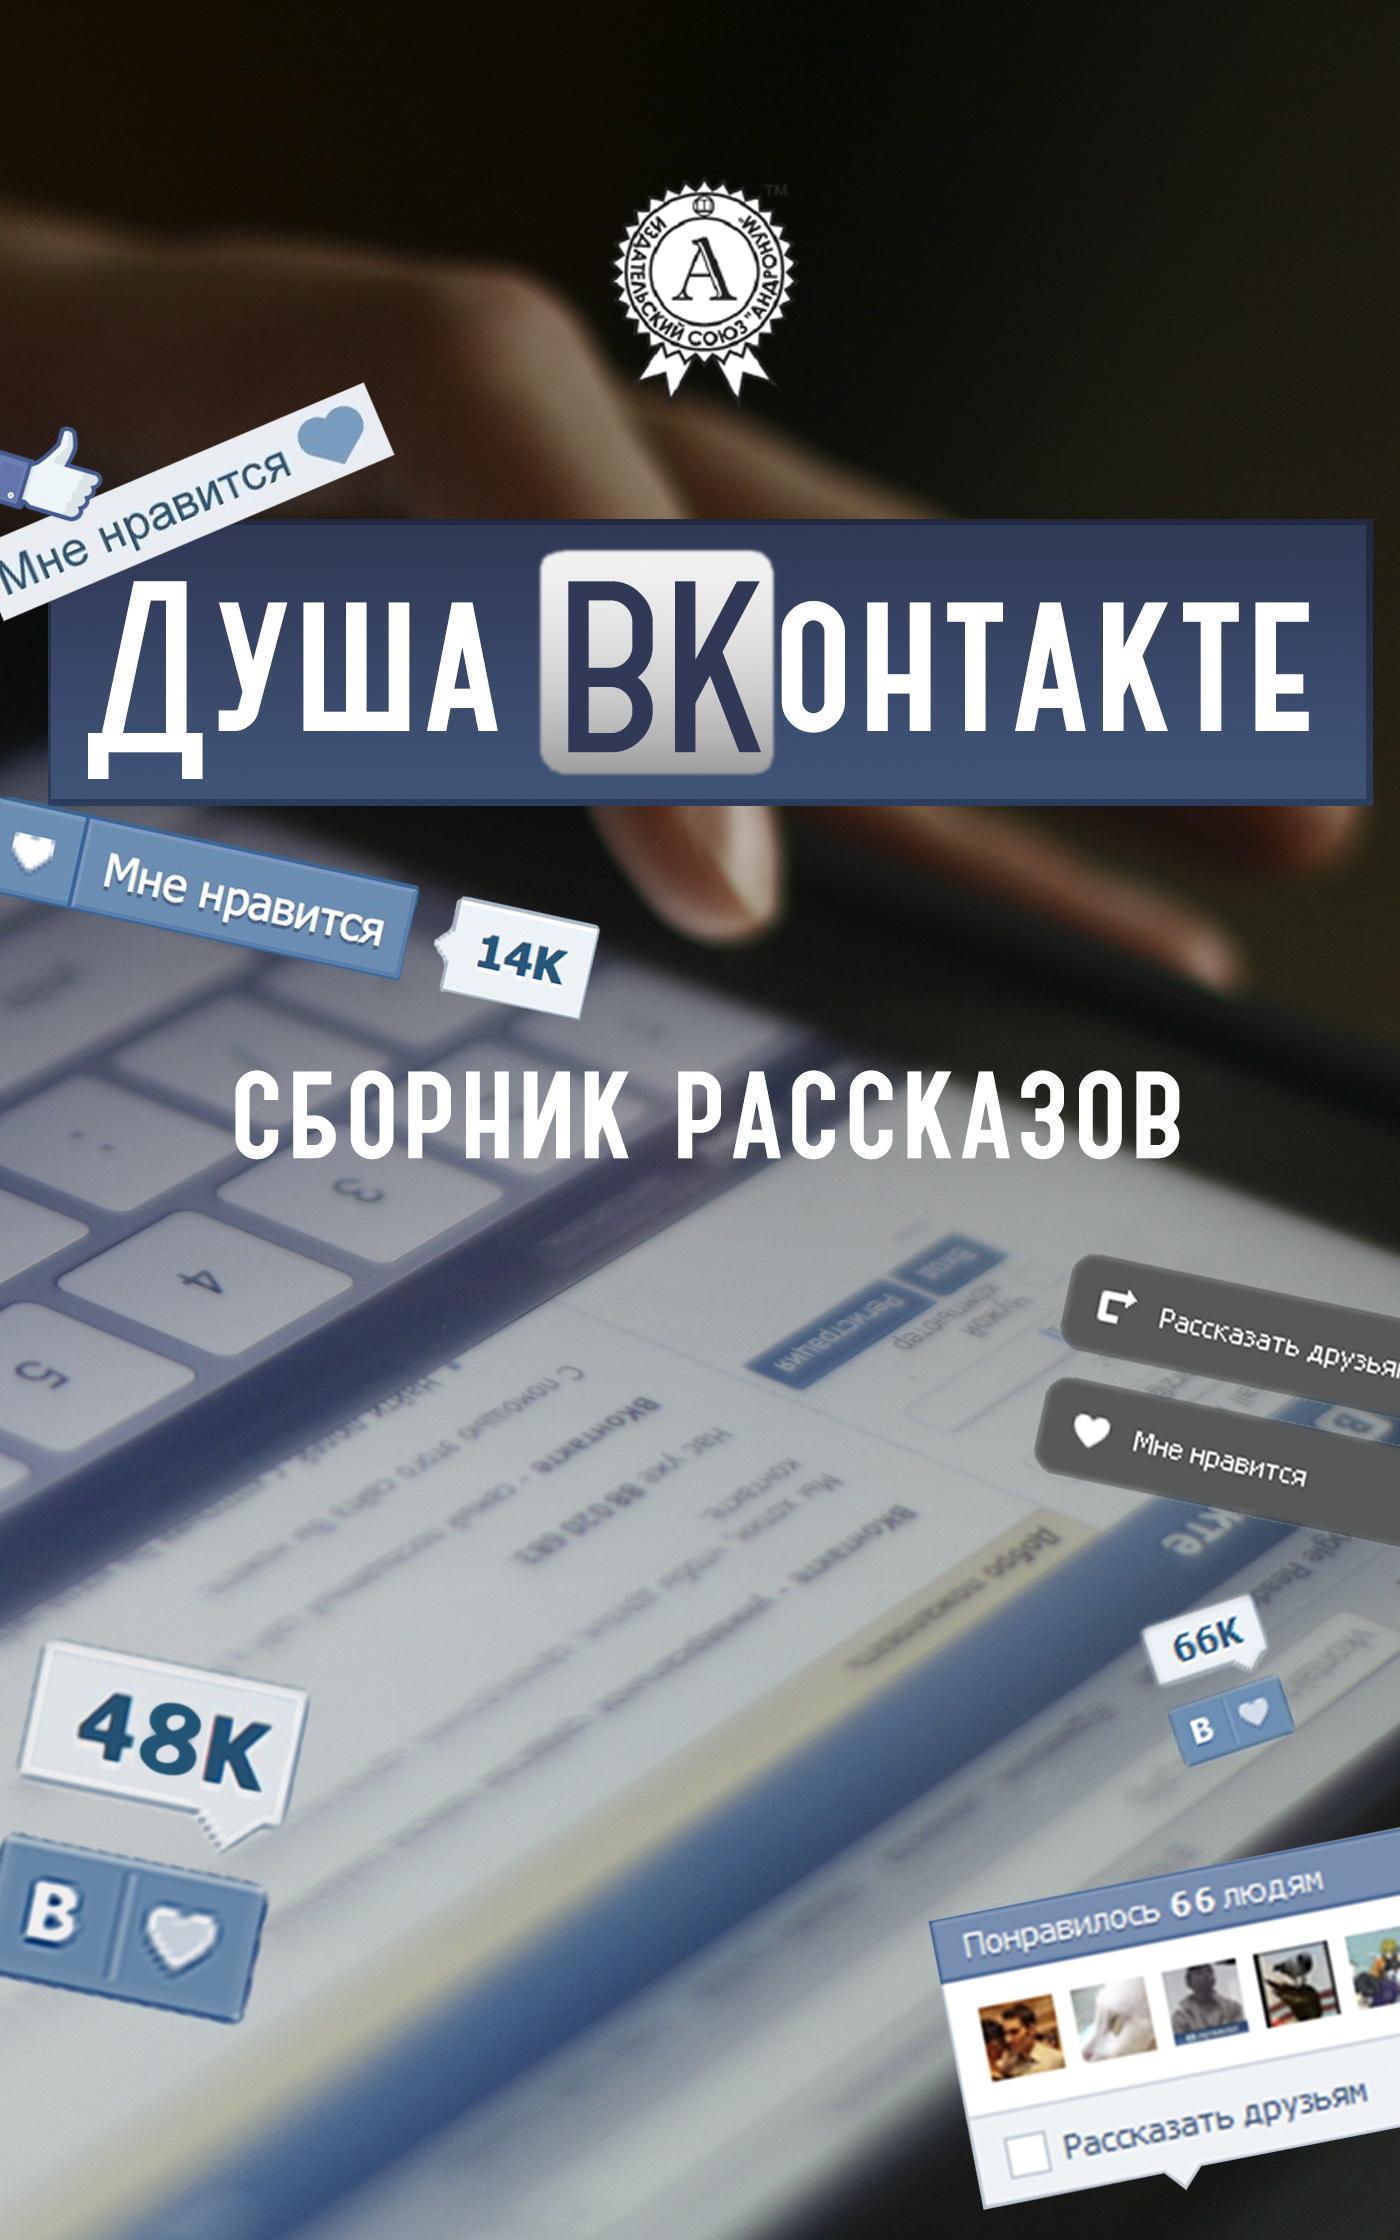 цена на Коллектив авторов Душа ВКонтакте